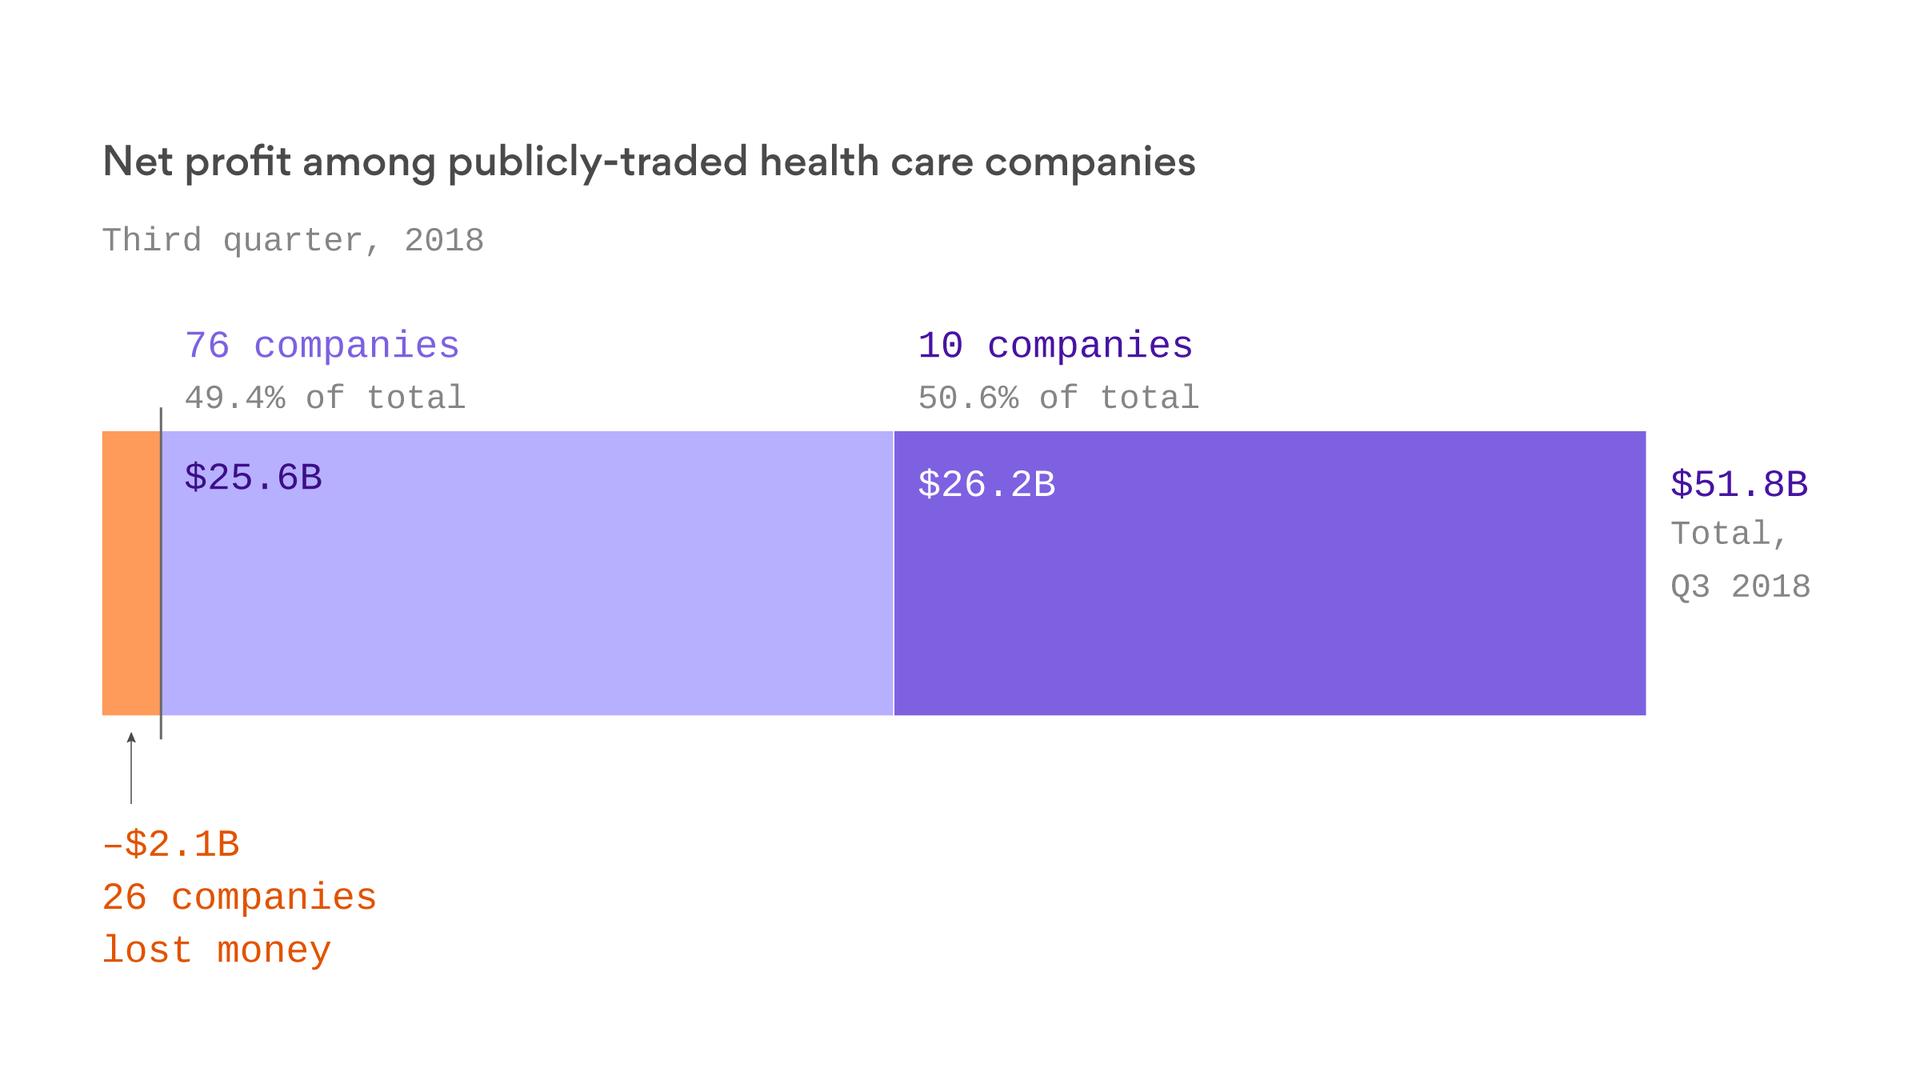 axios.com - Pharma's grip on the health care economy